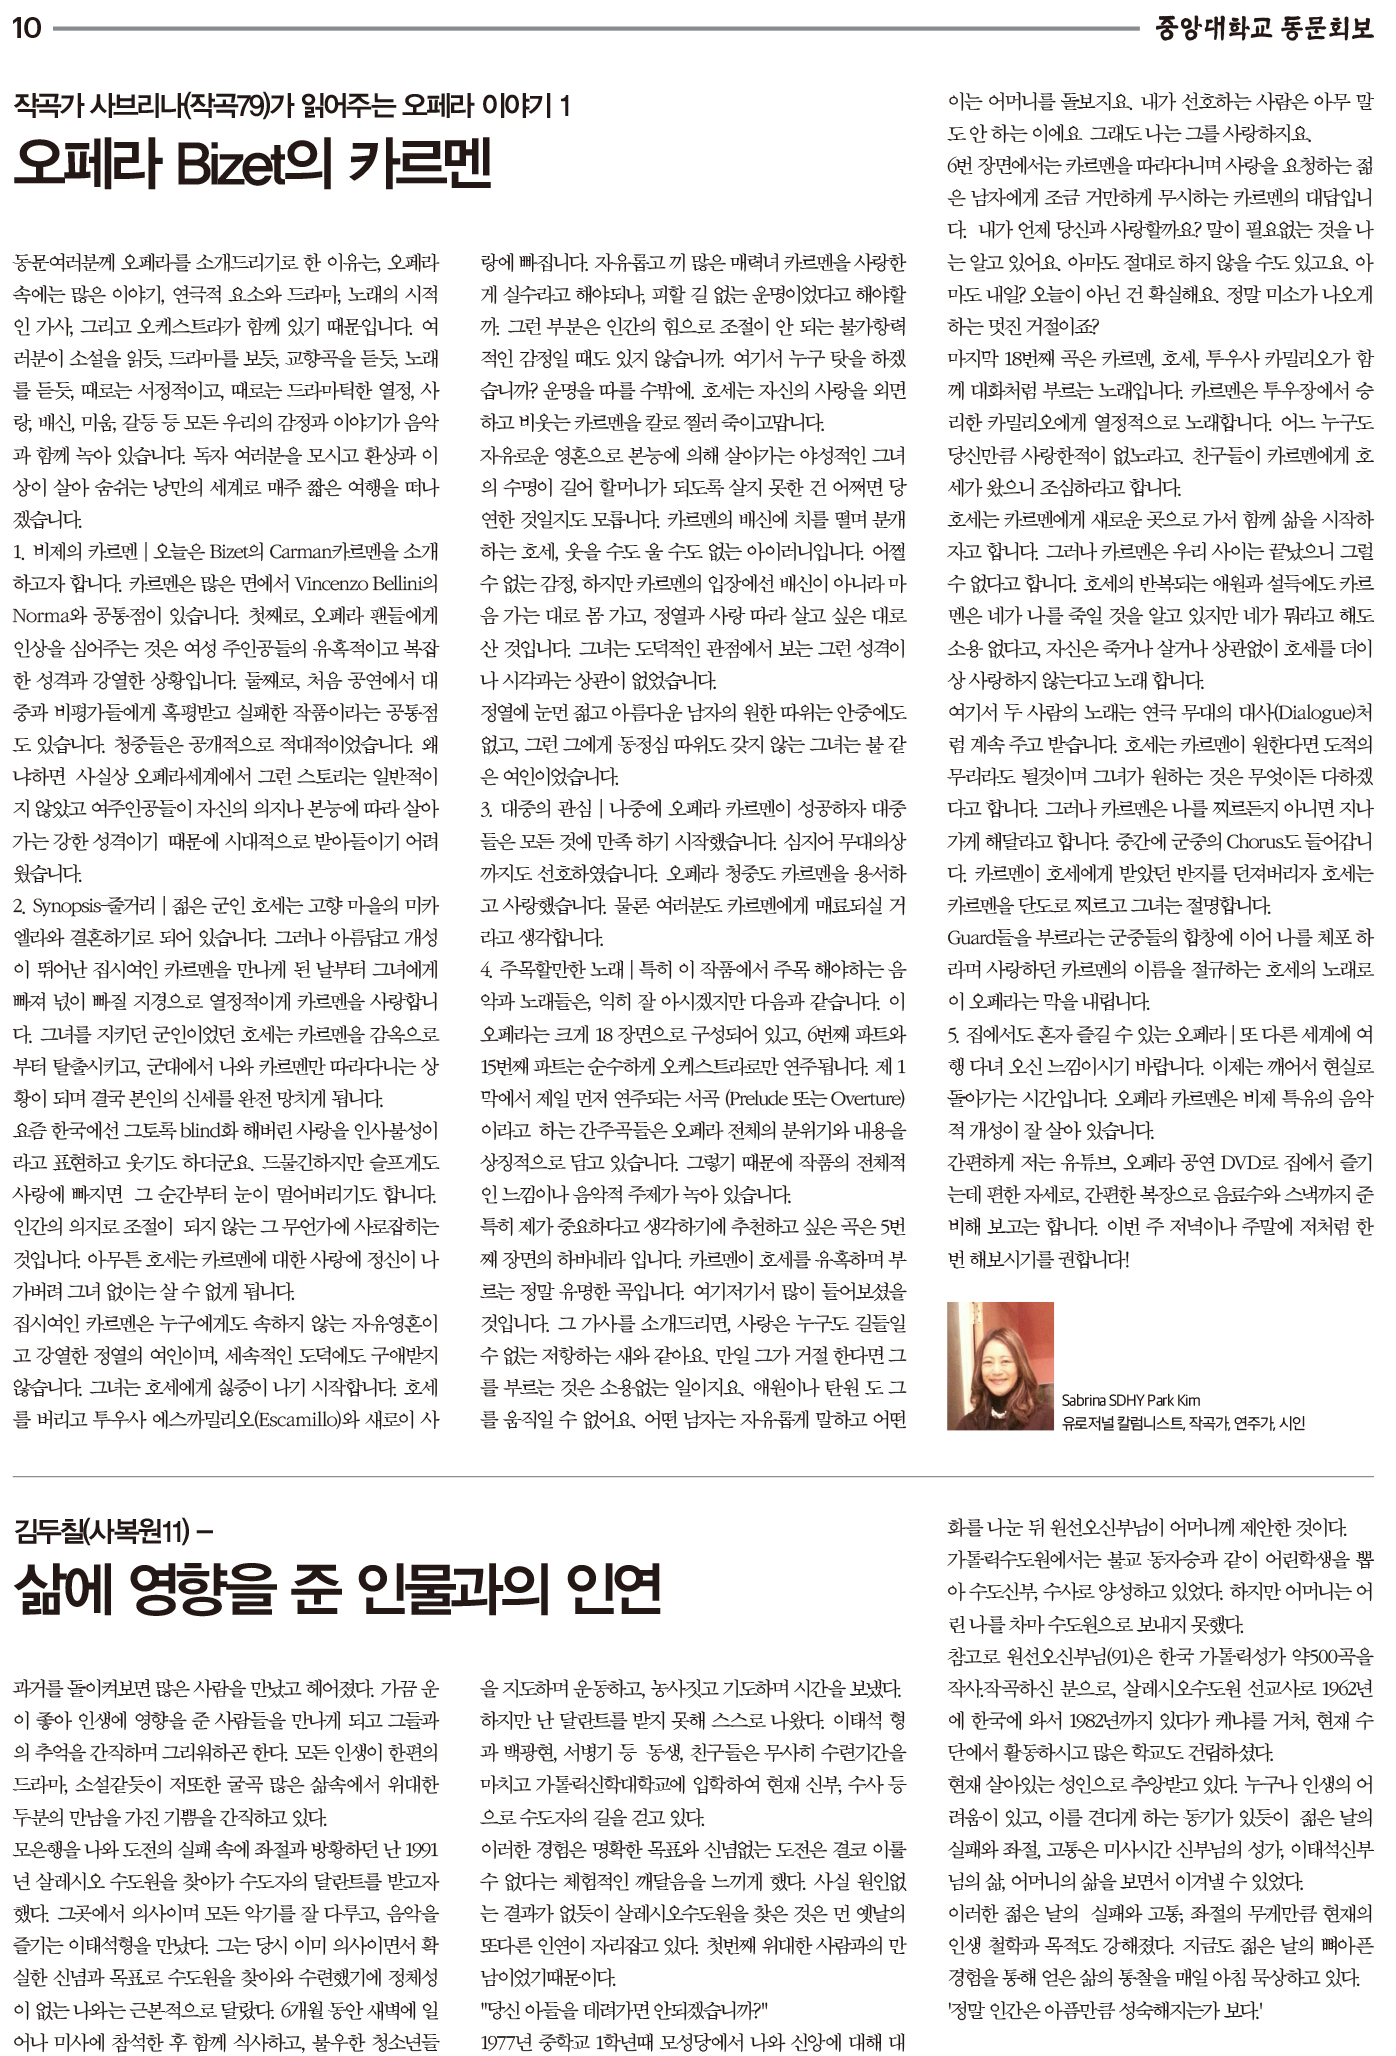 중앙대학교_동문회보_321호-10.jpg